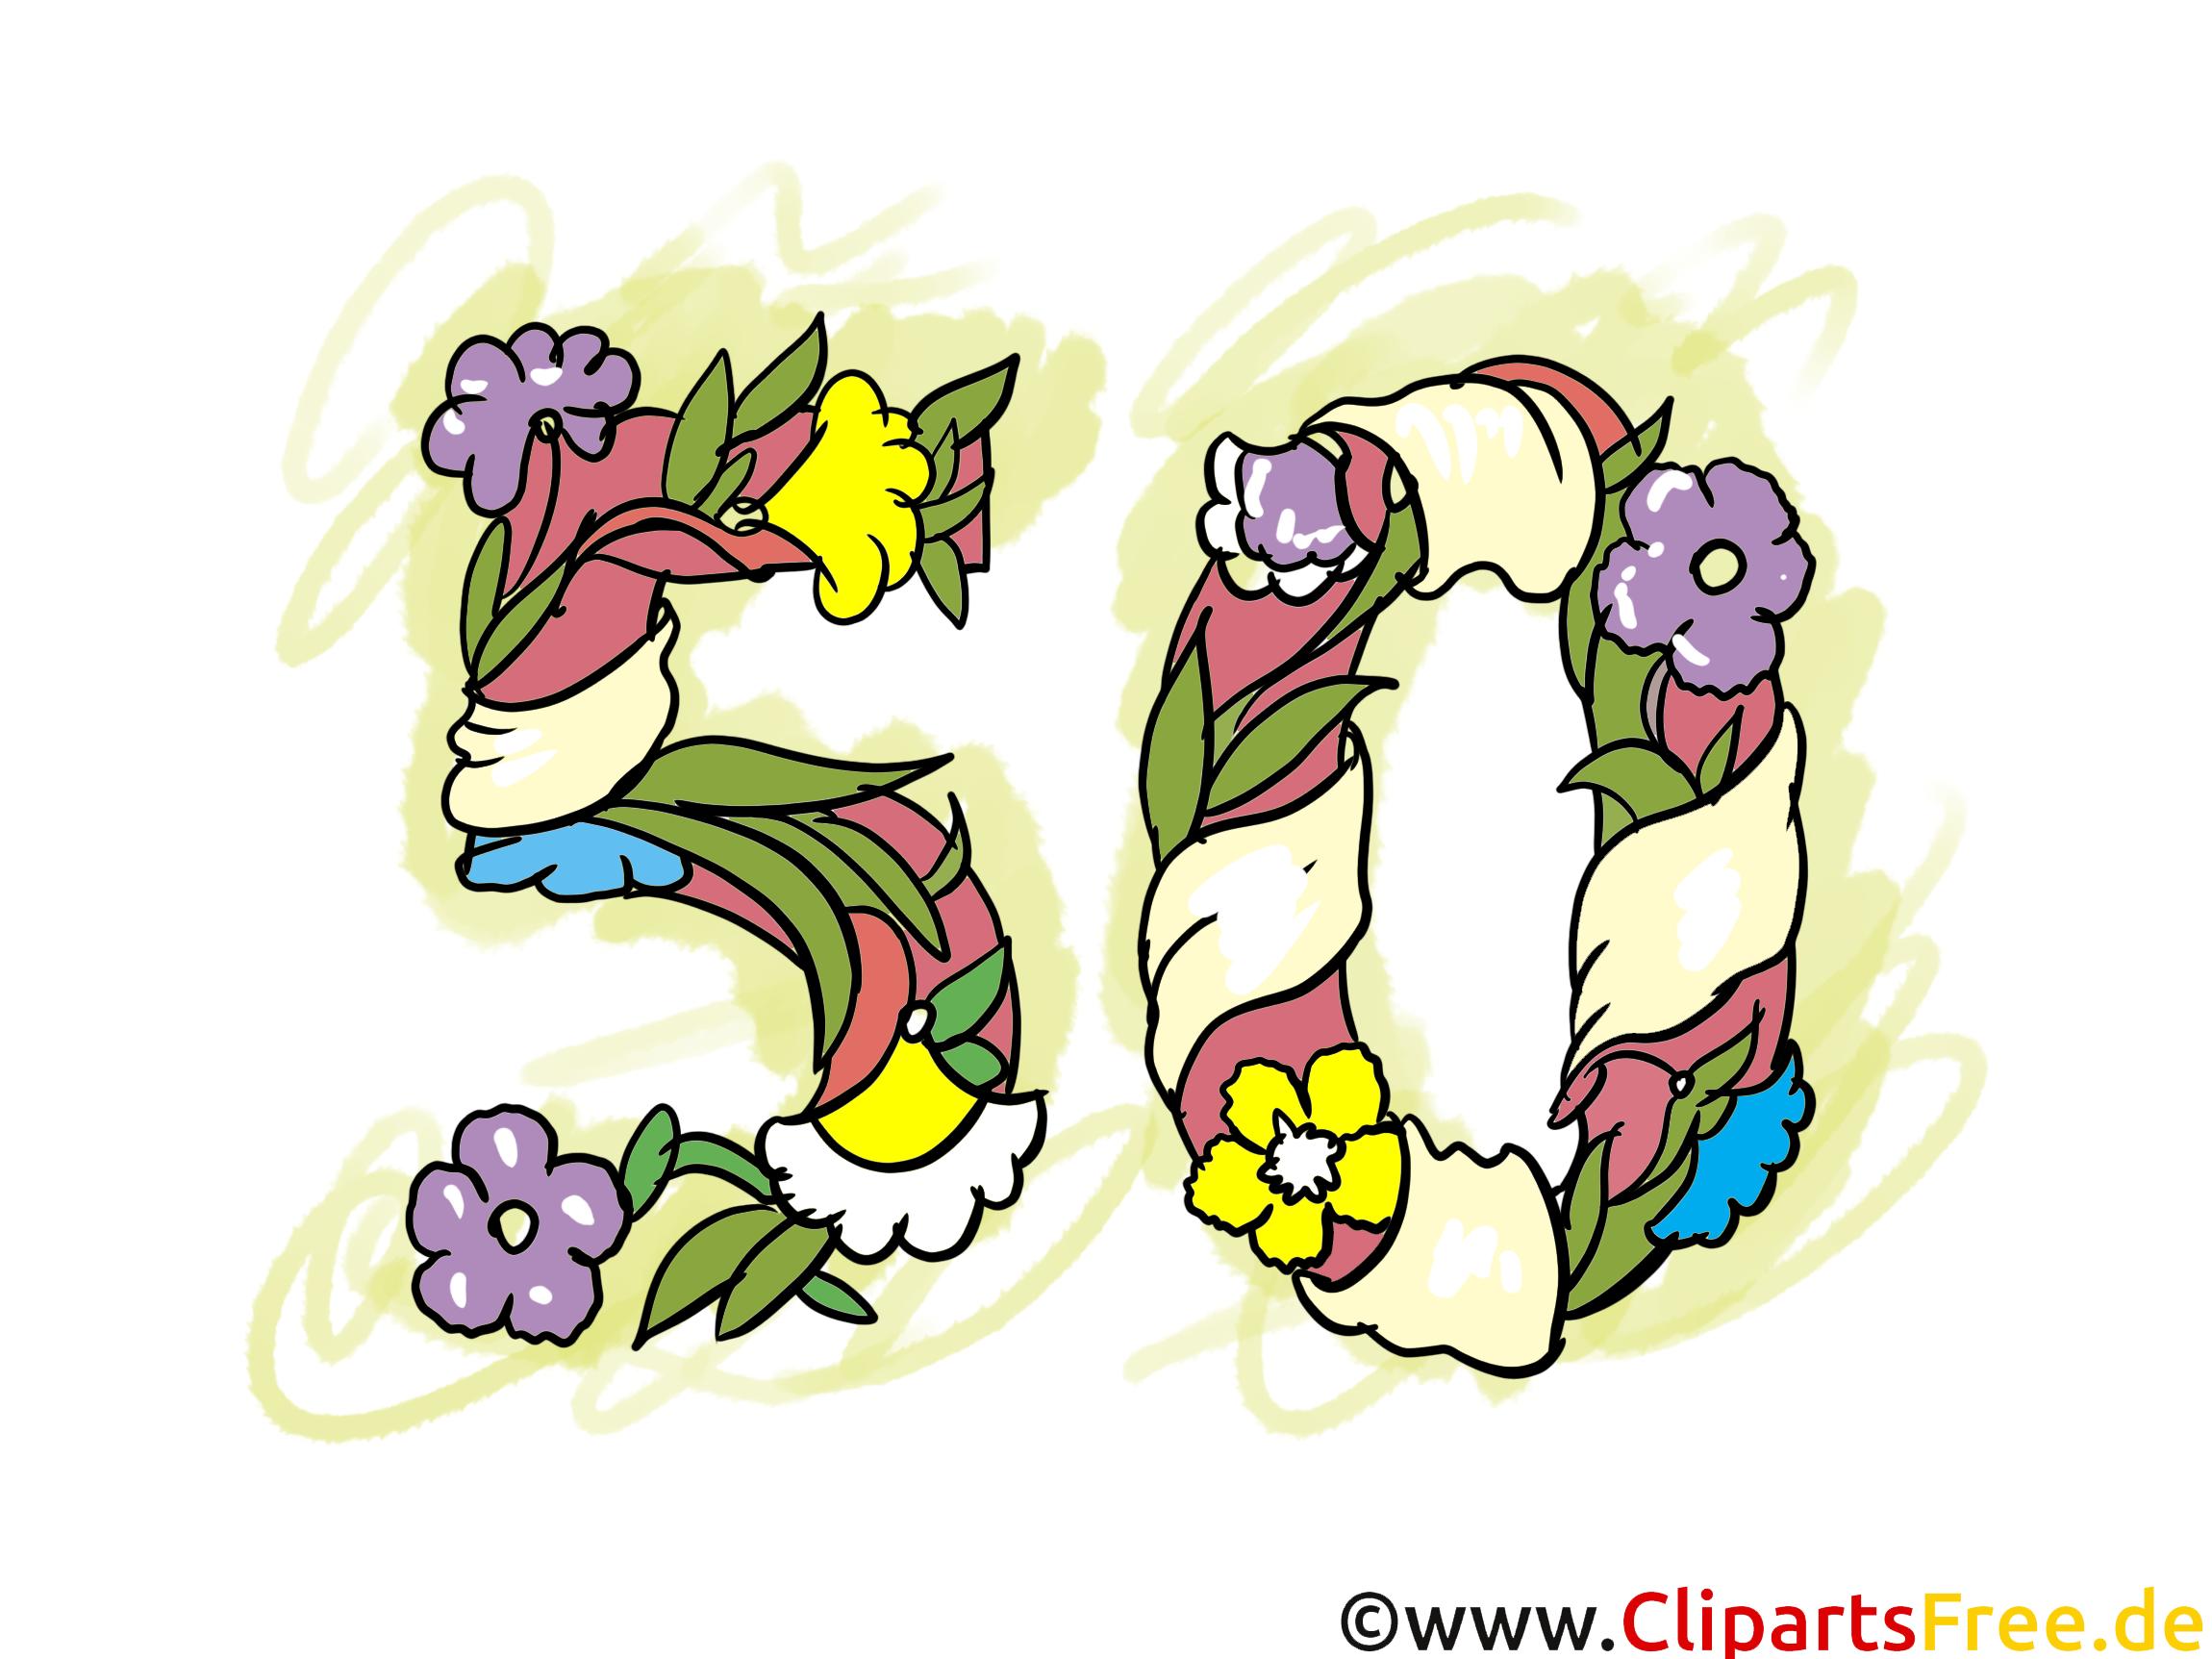 Clipart Anniversaire 50 ans clipart – anniversaire dessins gratuits - anniversaire dessin